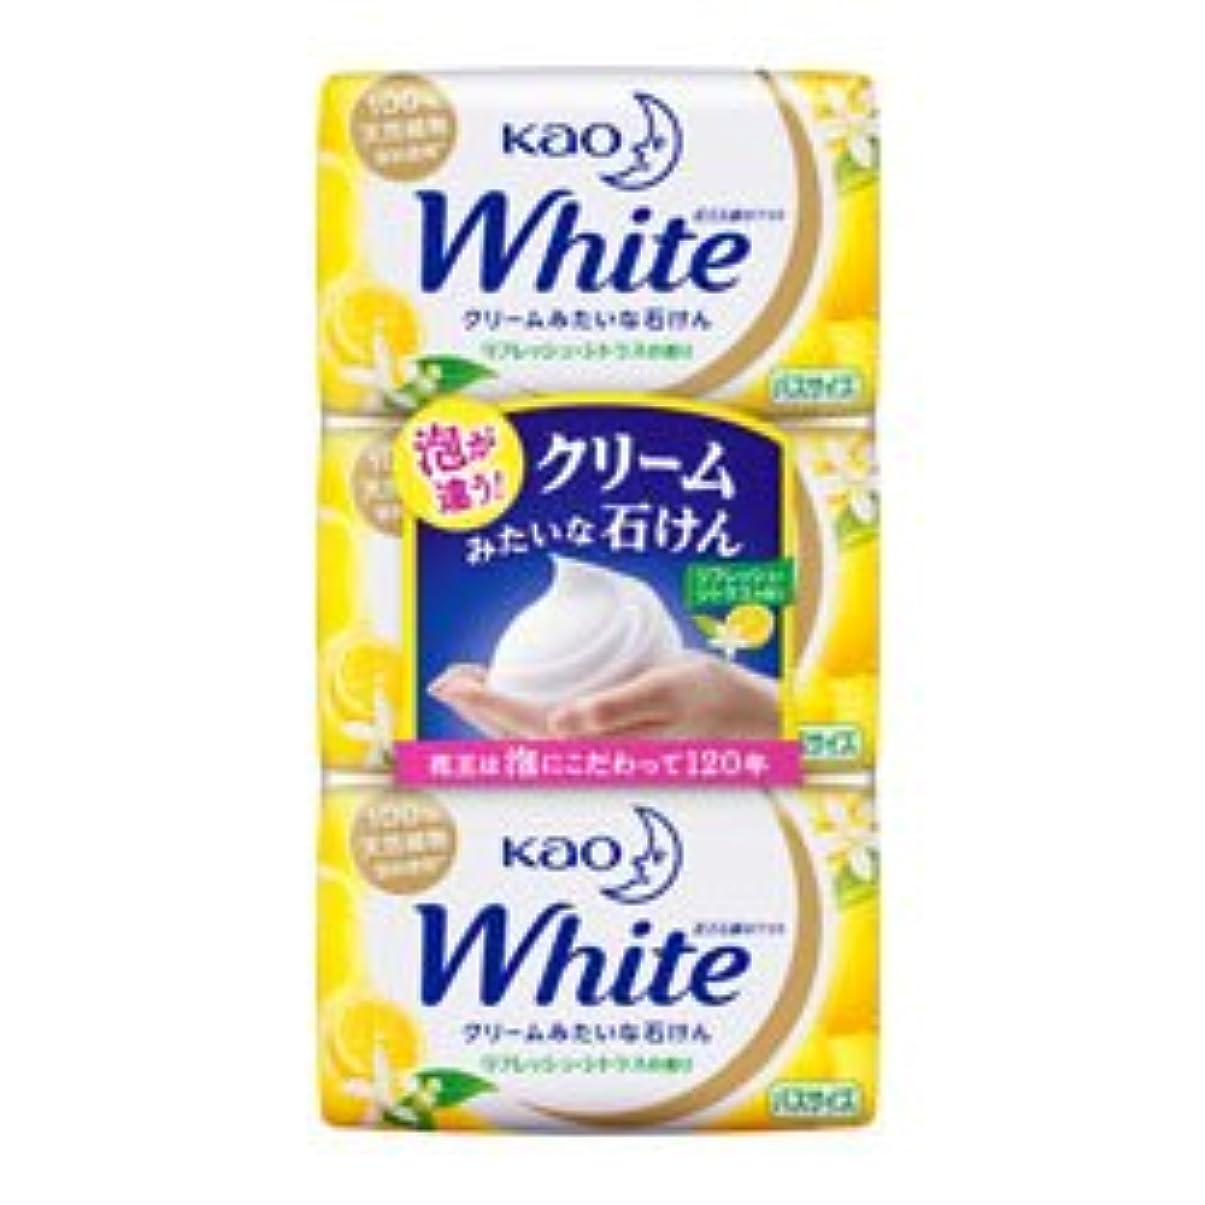 支配する従来のキャラバン【花王】ホワイト リフレッシュ?シトラスの香り バスサイズ 130g×3個入 ×20個セット